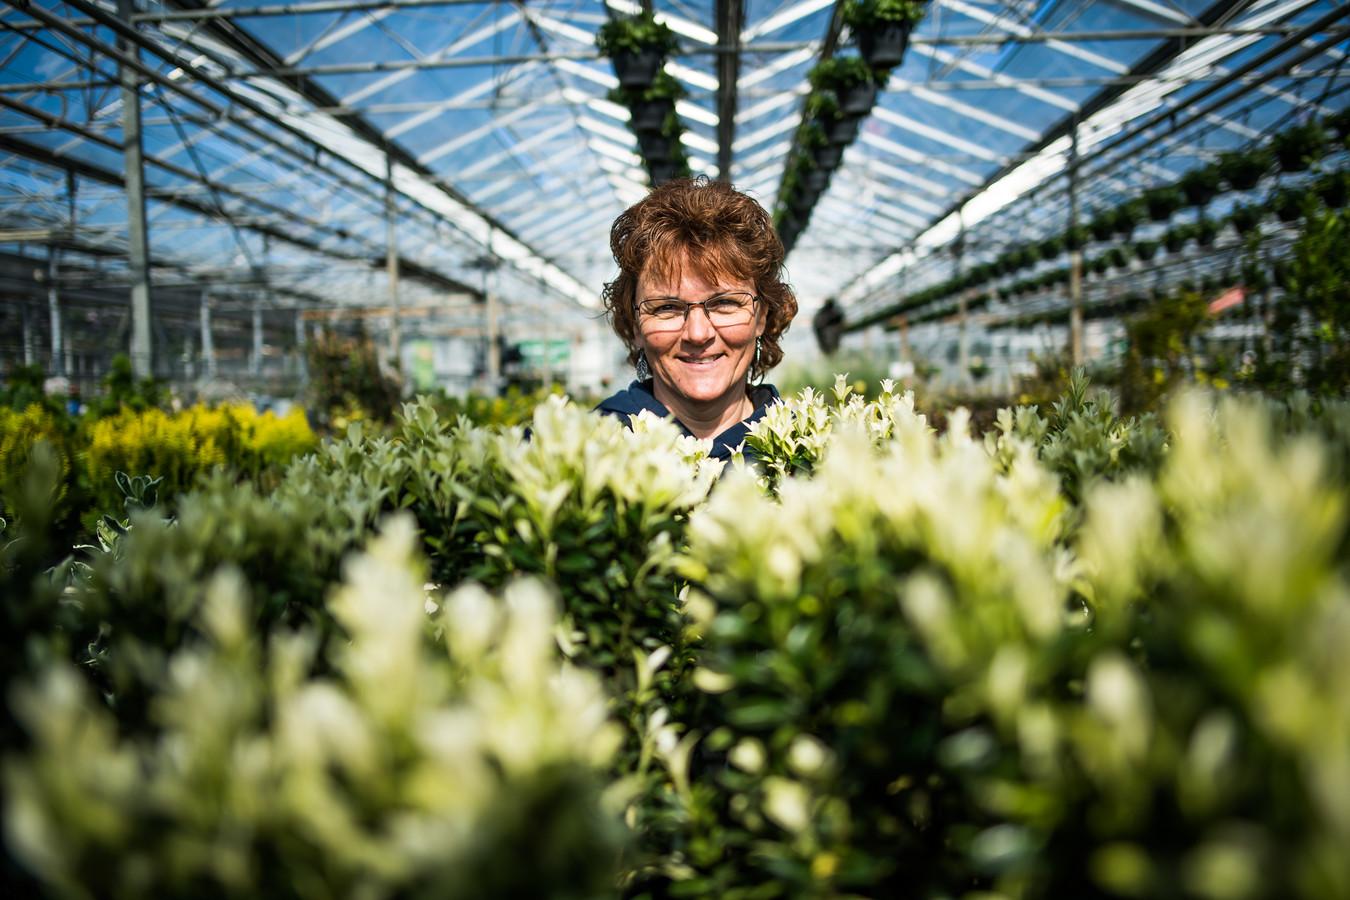 Anita Gerritsen van de gelijknamige kwekerij in Huissen laat vol trots zien welke alternatieven er voor de buxus zijn: de taxus, hulst en de ilex (Japanse hulst).